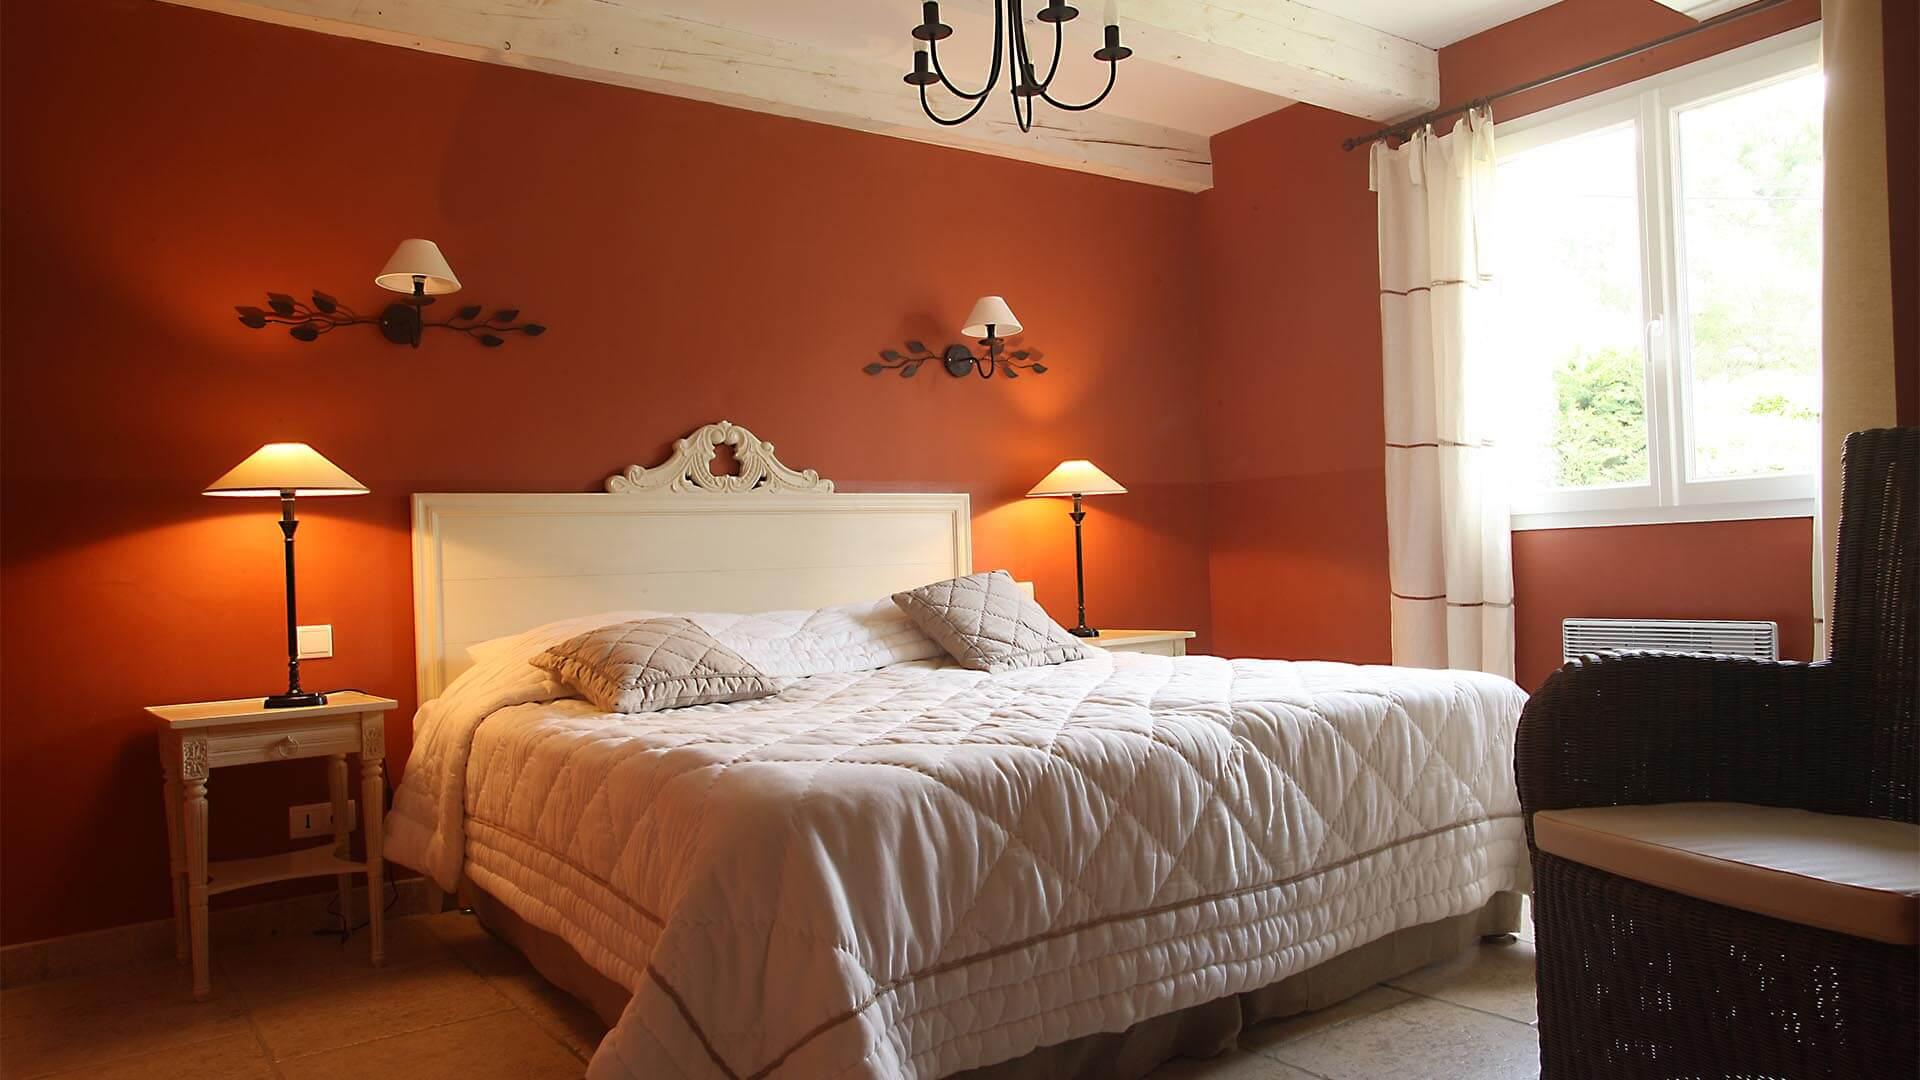 Maison de vacances à louer Haute Provence | Villa les oliviers | Chambre double